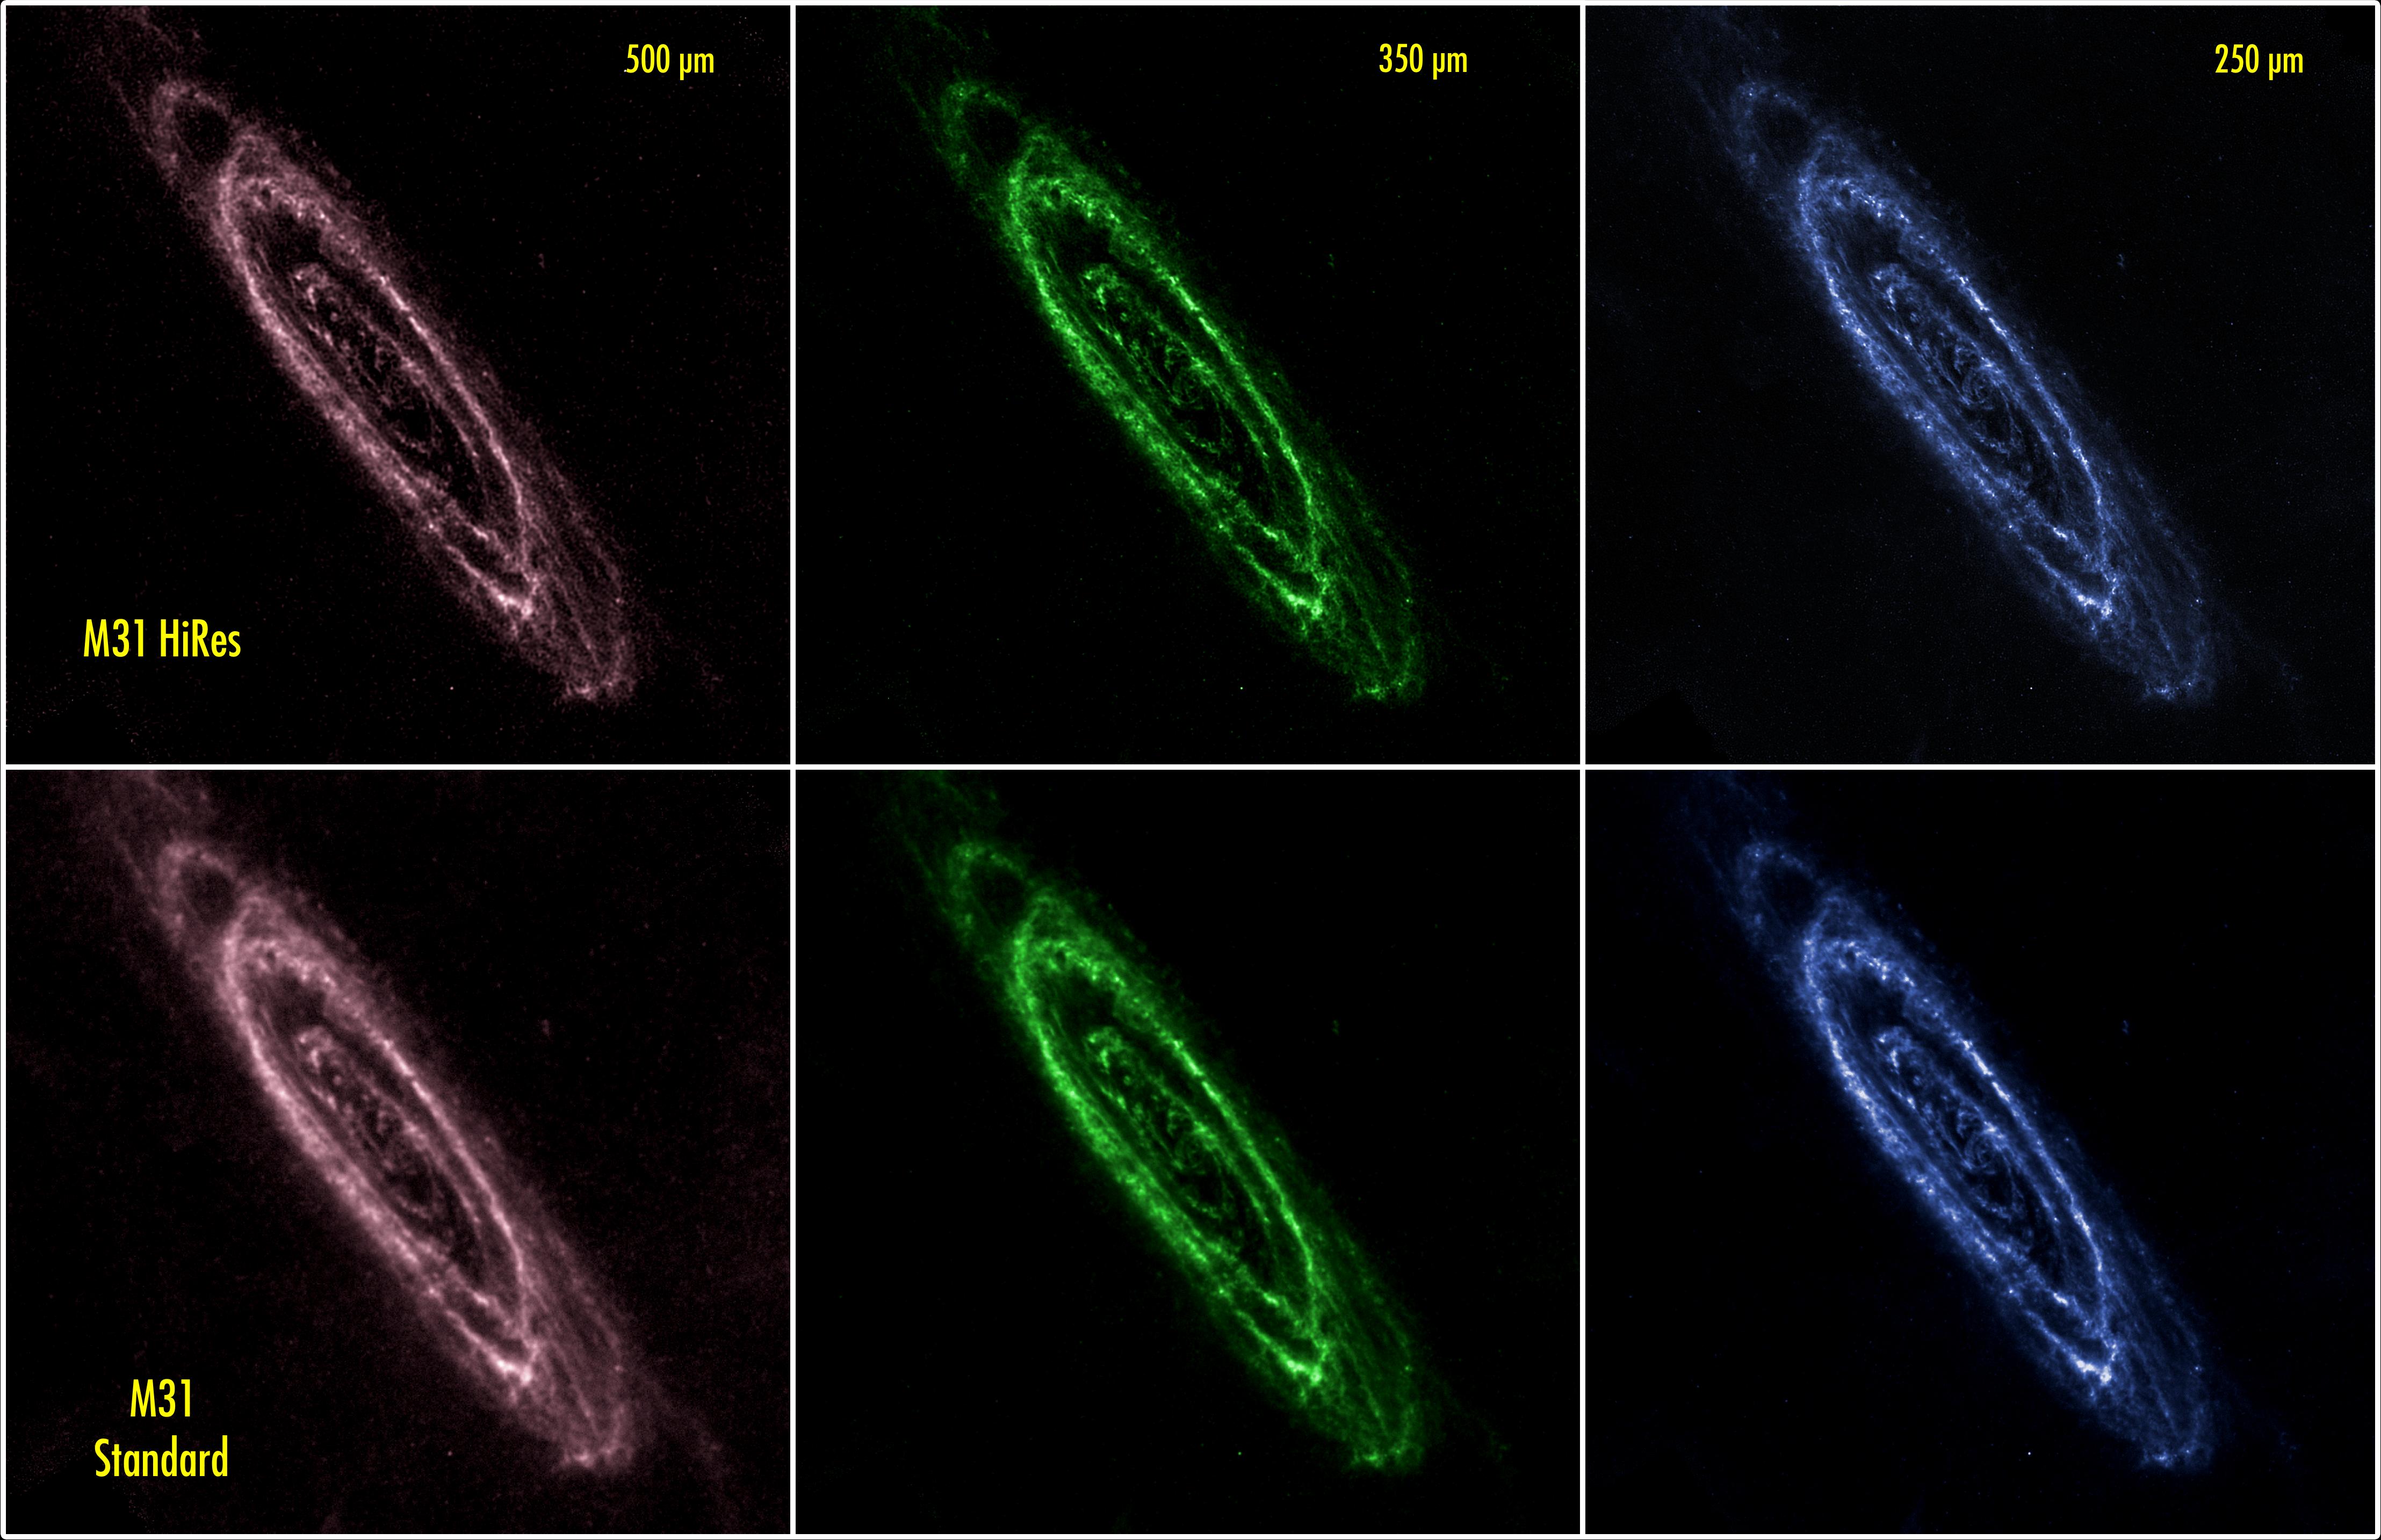 M31 HiRes comparison